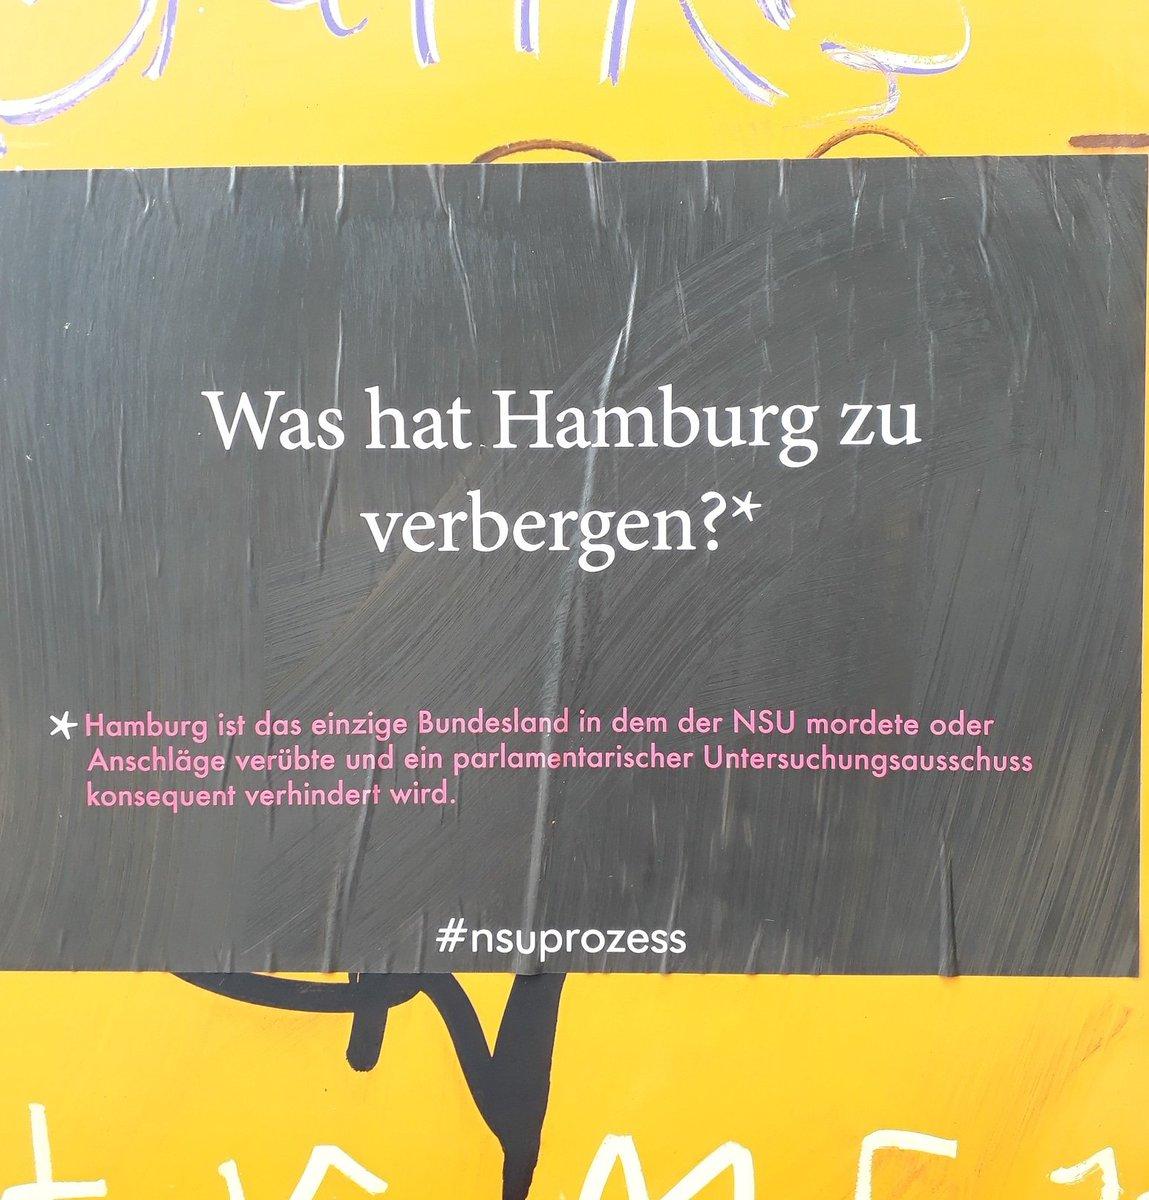 Was hat Hamburg zu verbergen?* Hamburg ist das einzige Bundesland in dem der NSU mordete oder Anschläge verübte und ein parlamentarischer Untersuchungsausschuss konsequent verhindert wird.